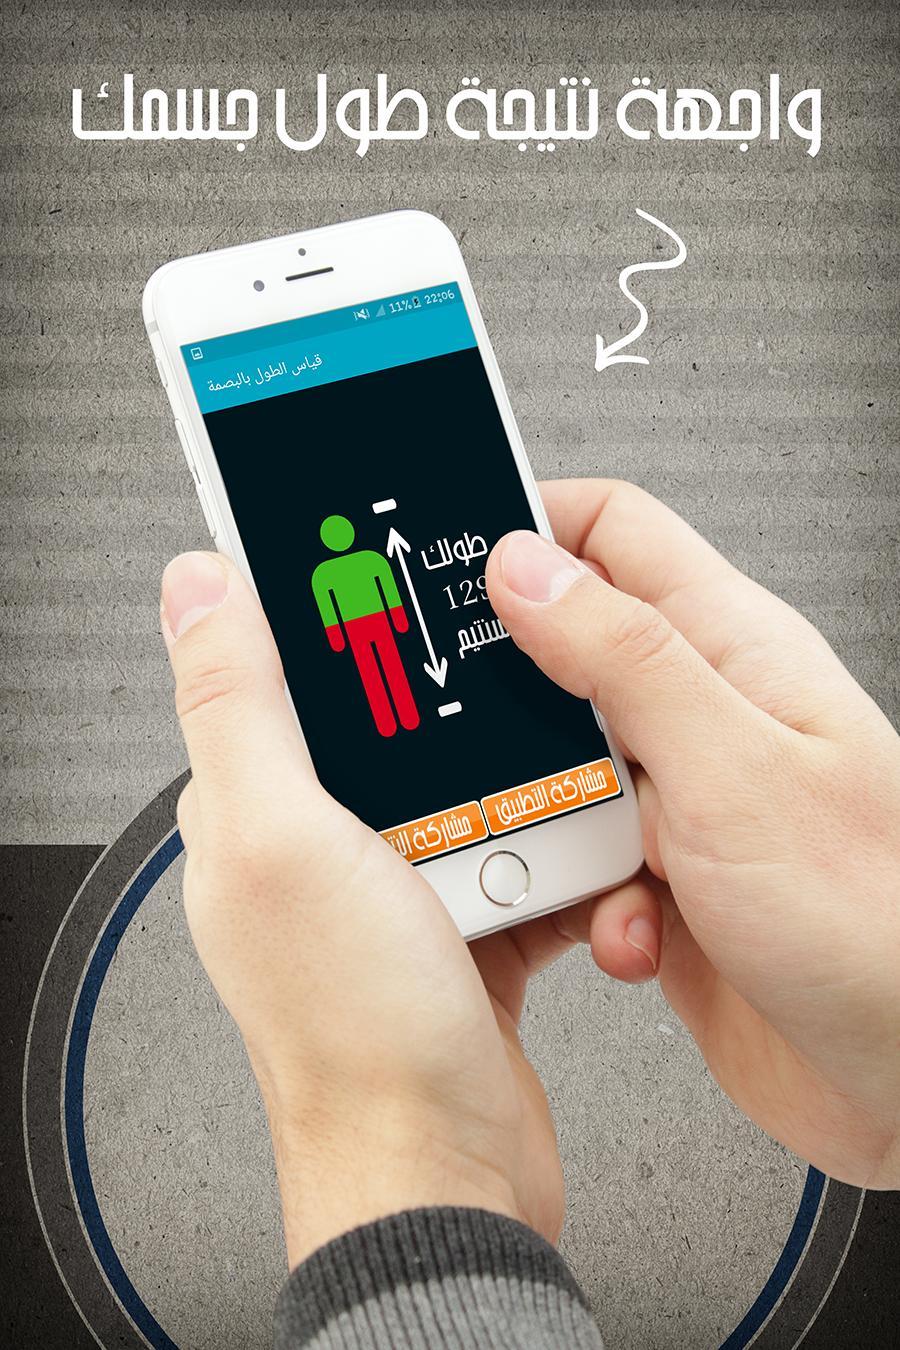 جهاز قياس الطول بالبصمة Prank For Android Apk Download